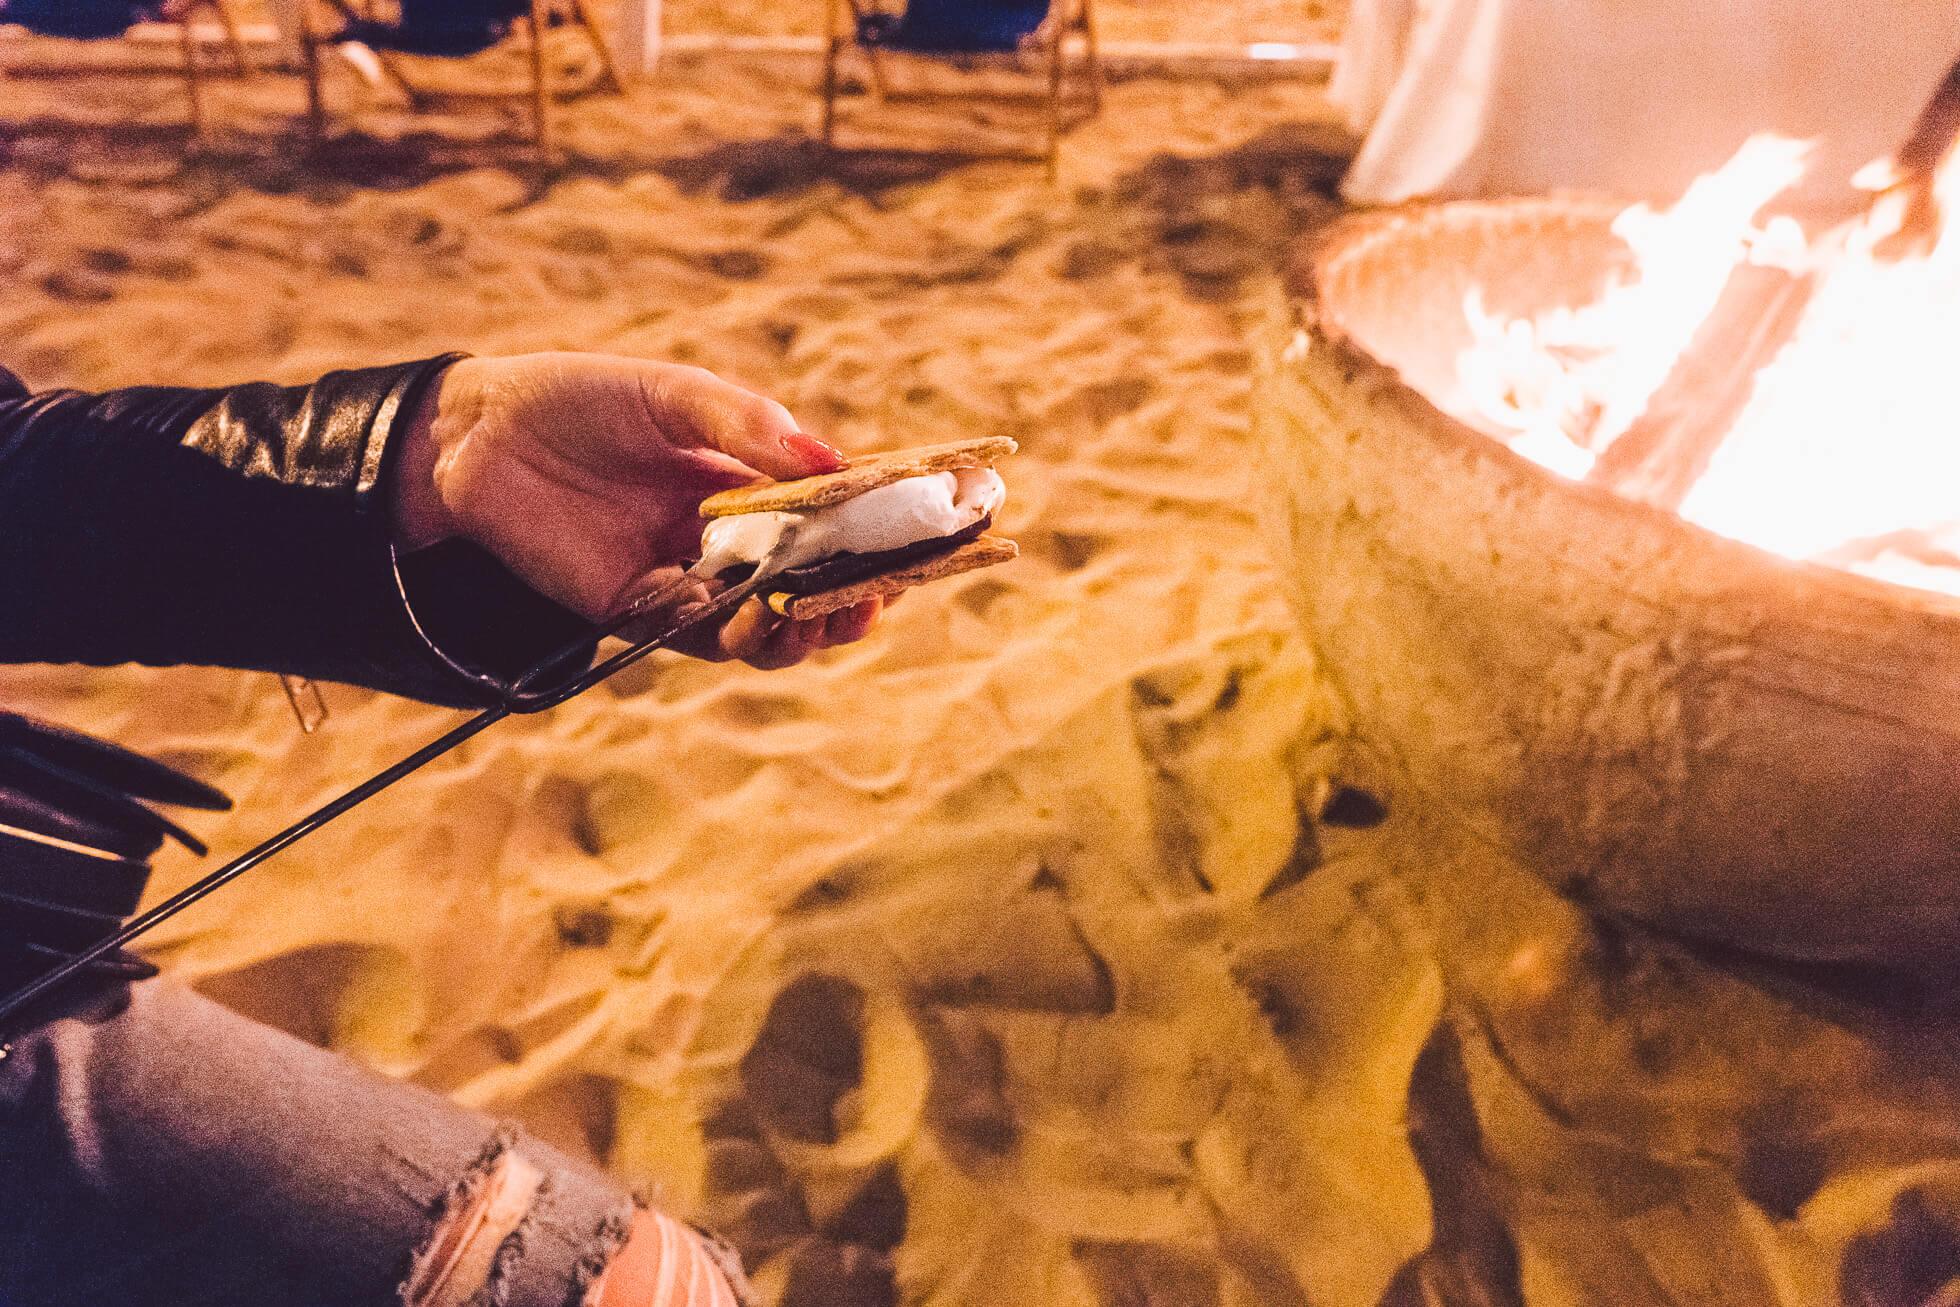 janni-deler-bonfire-nightL1020590